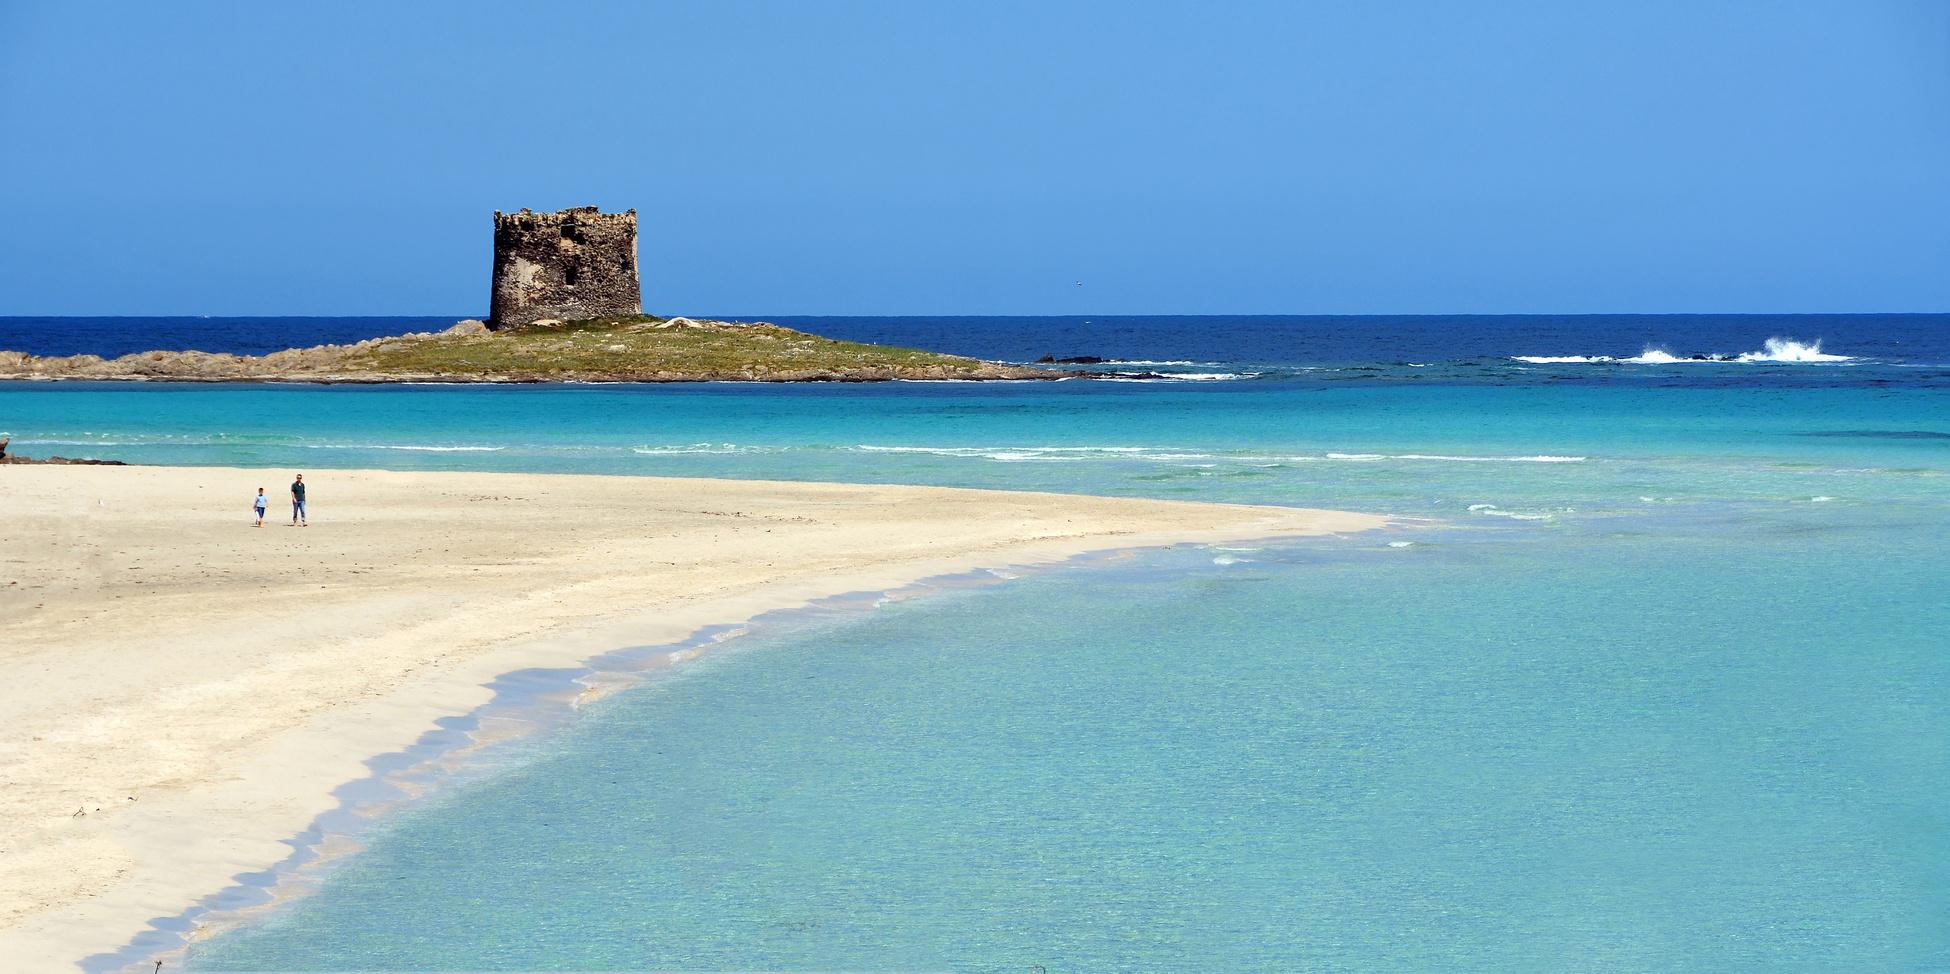 Cinque motivi per andare in Sardegna in estate - Viaggiamo